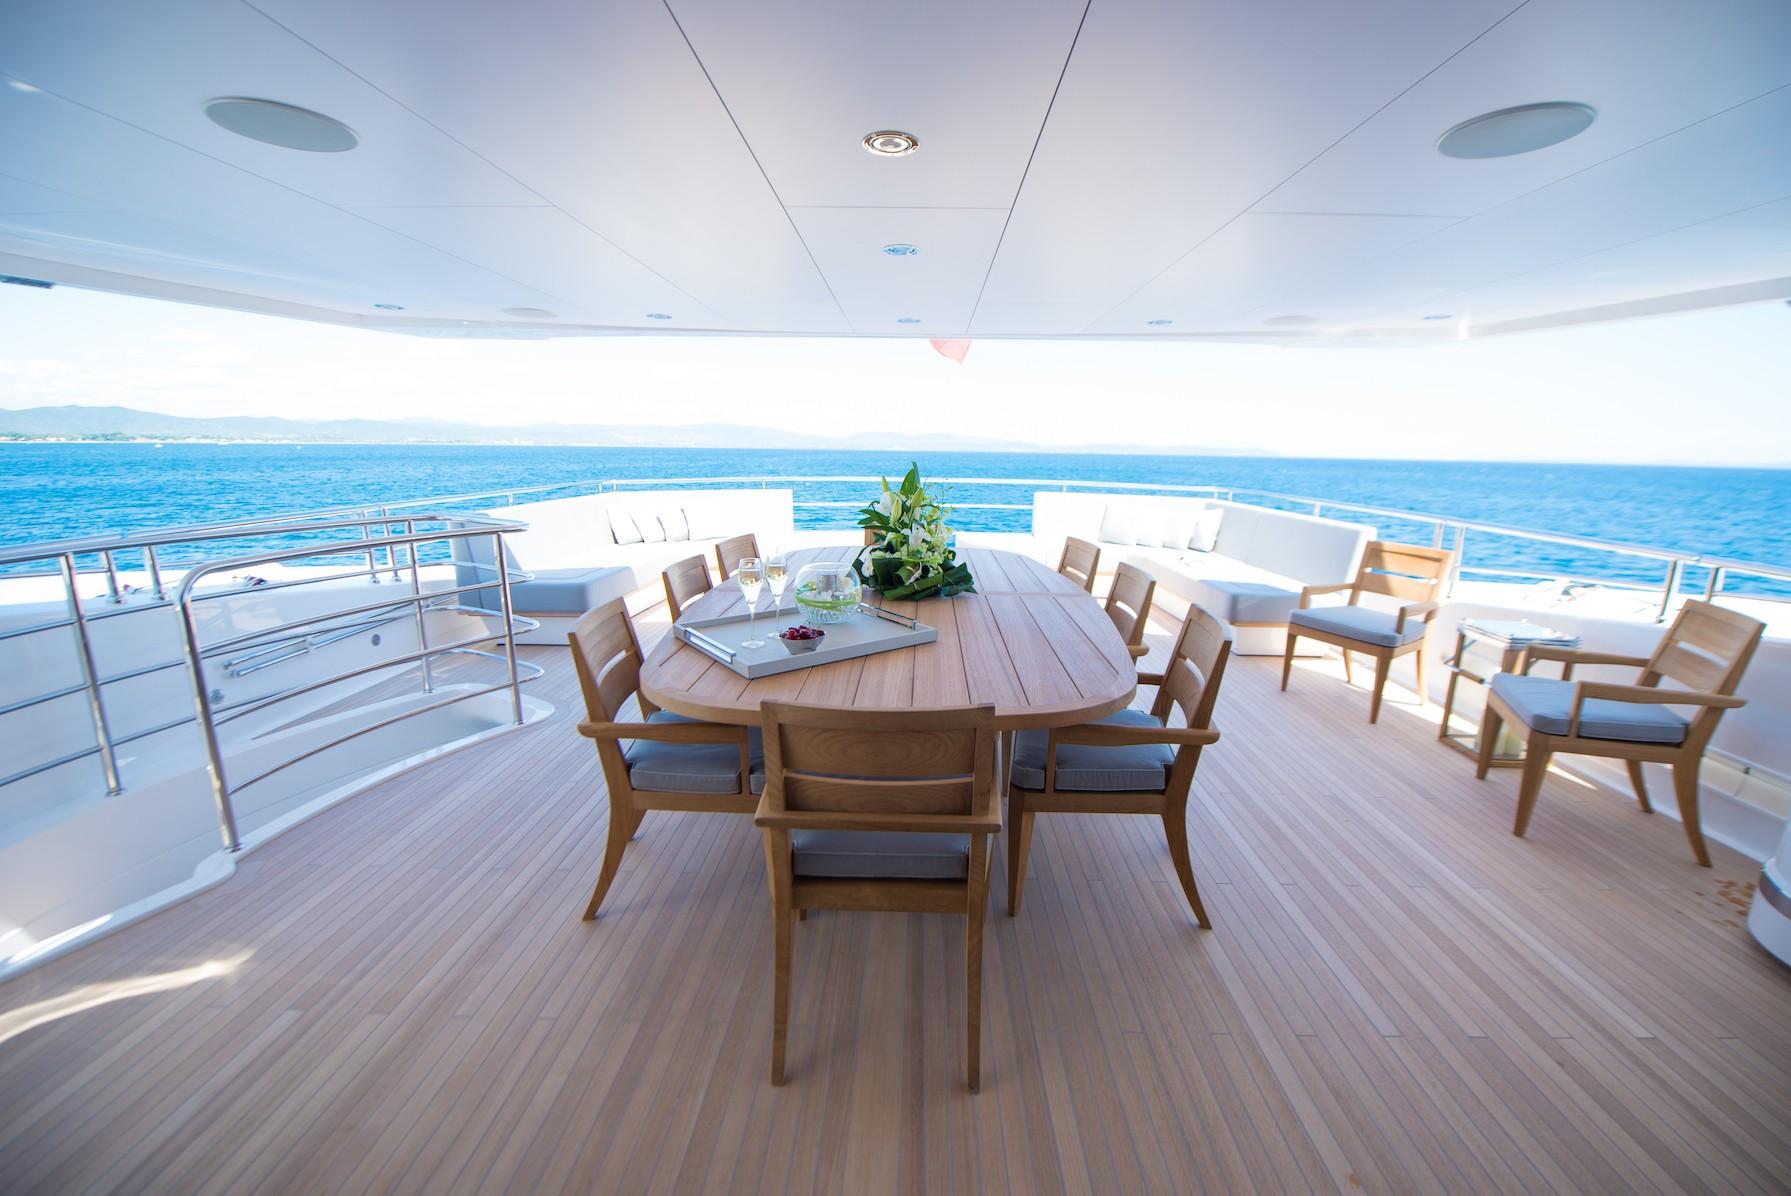 aft deck dining area aboard JACOZZAMI